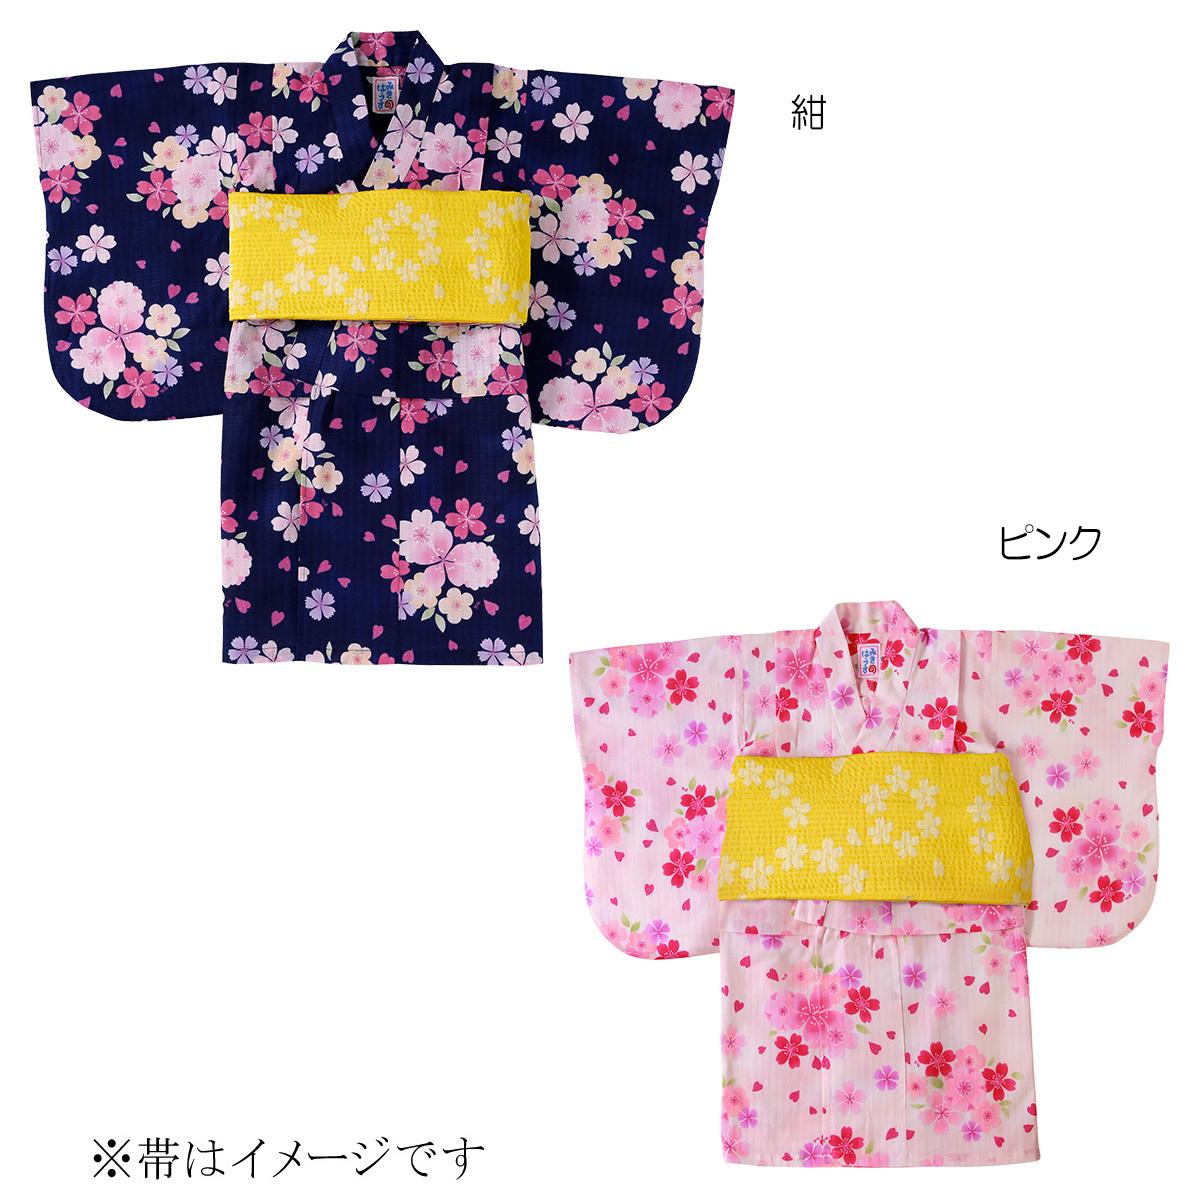 ミキハウス mikihouse さくら柄浴衣(女児用)〈130cm(120cm-130cm)〉 バーゲン